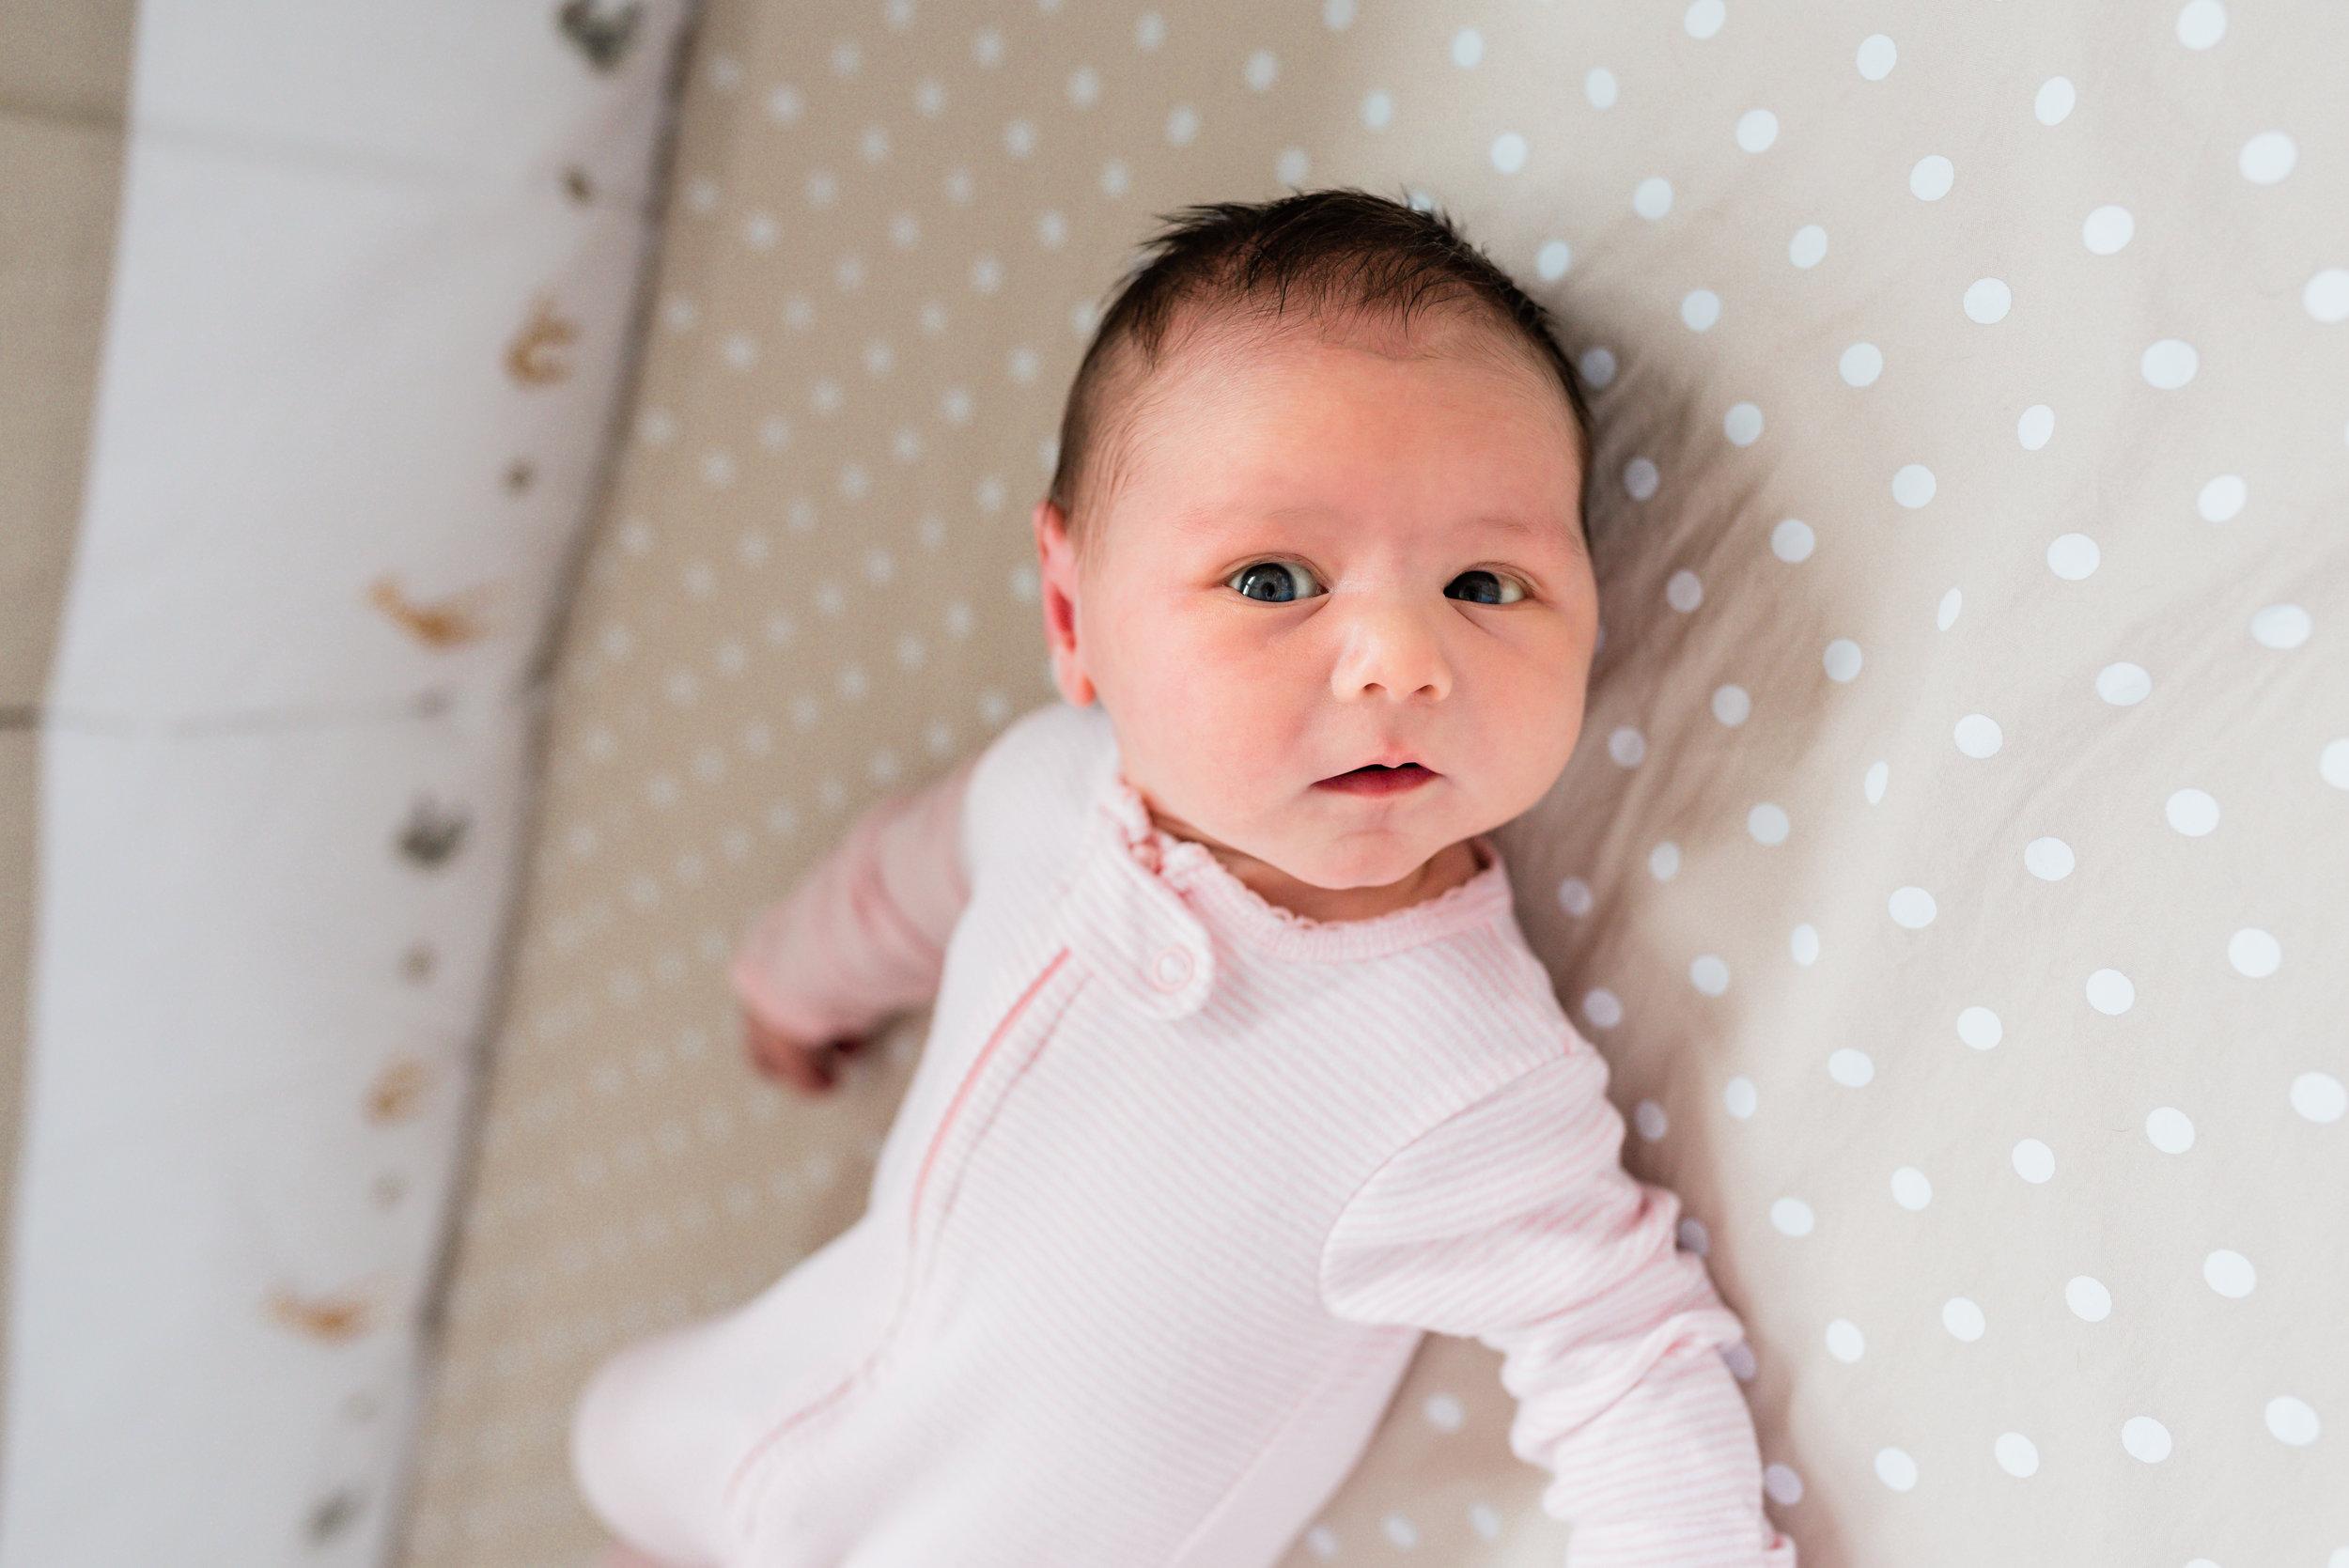 Summerville-Newborn-Photographer-Following-Seas-Photography-FSP_8698 copy.jpg